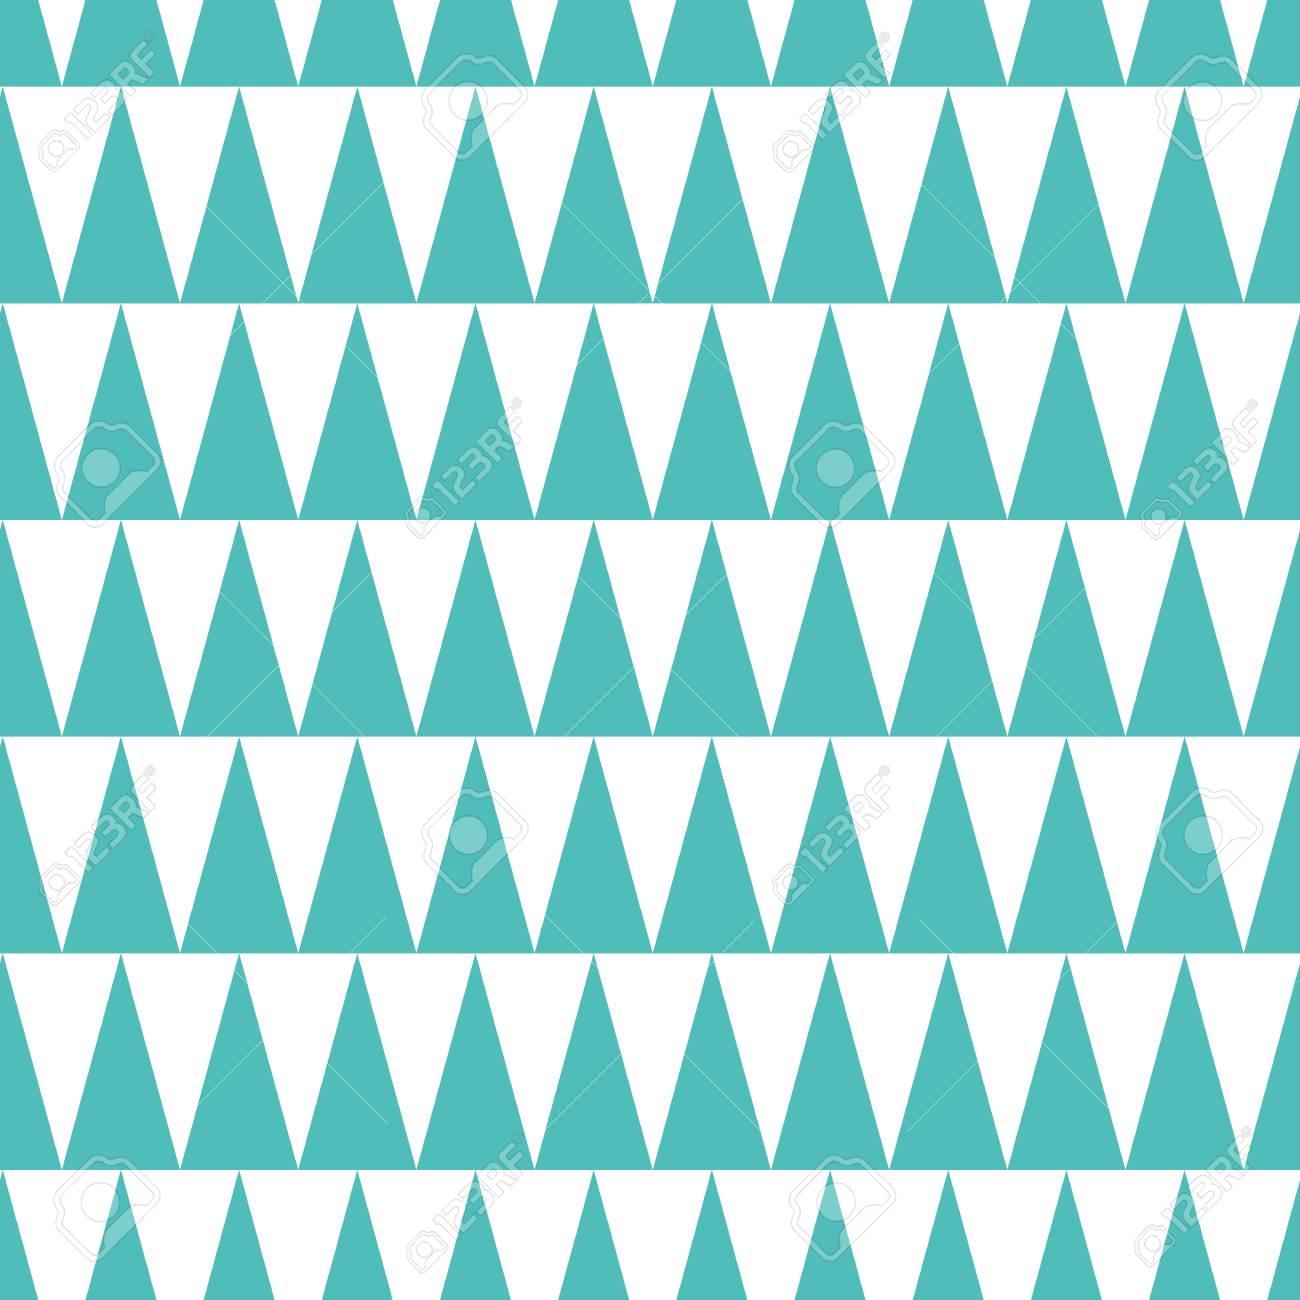 90aee8071303 Patrón de moda transparente hecha en color turquesa y blanco. Plantilla  geométrica Fondo de aguamarina hecha de triángulo. Diseño azul Textura ...